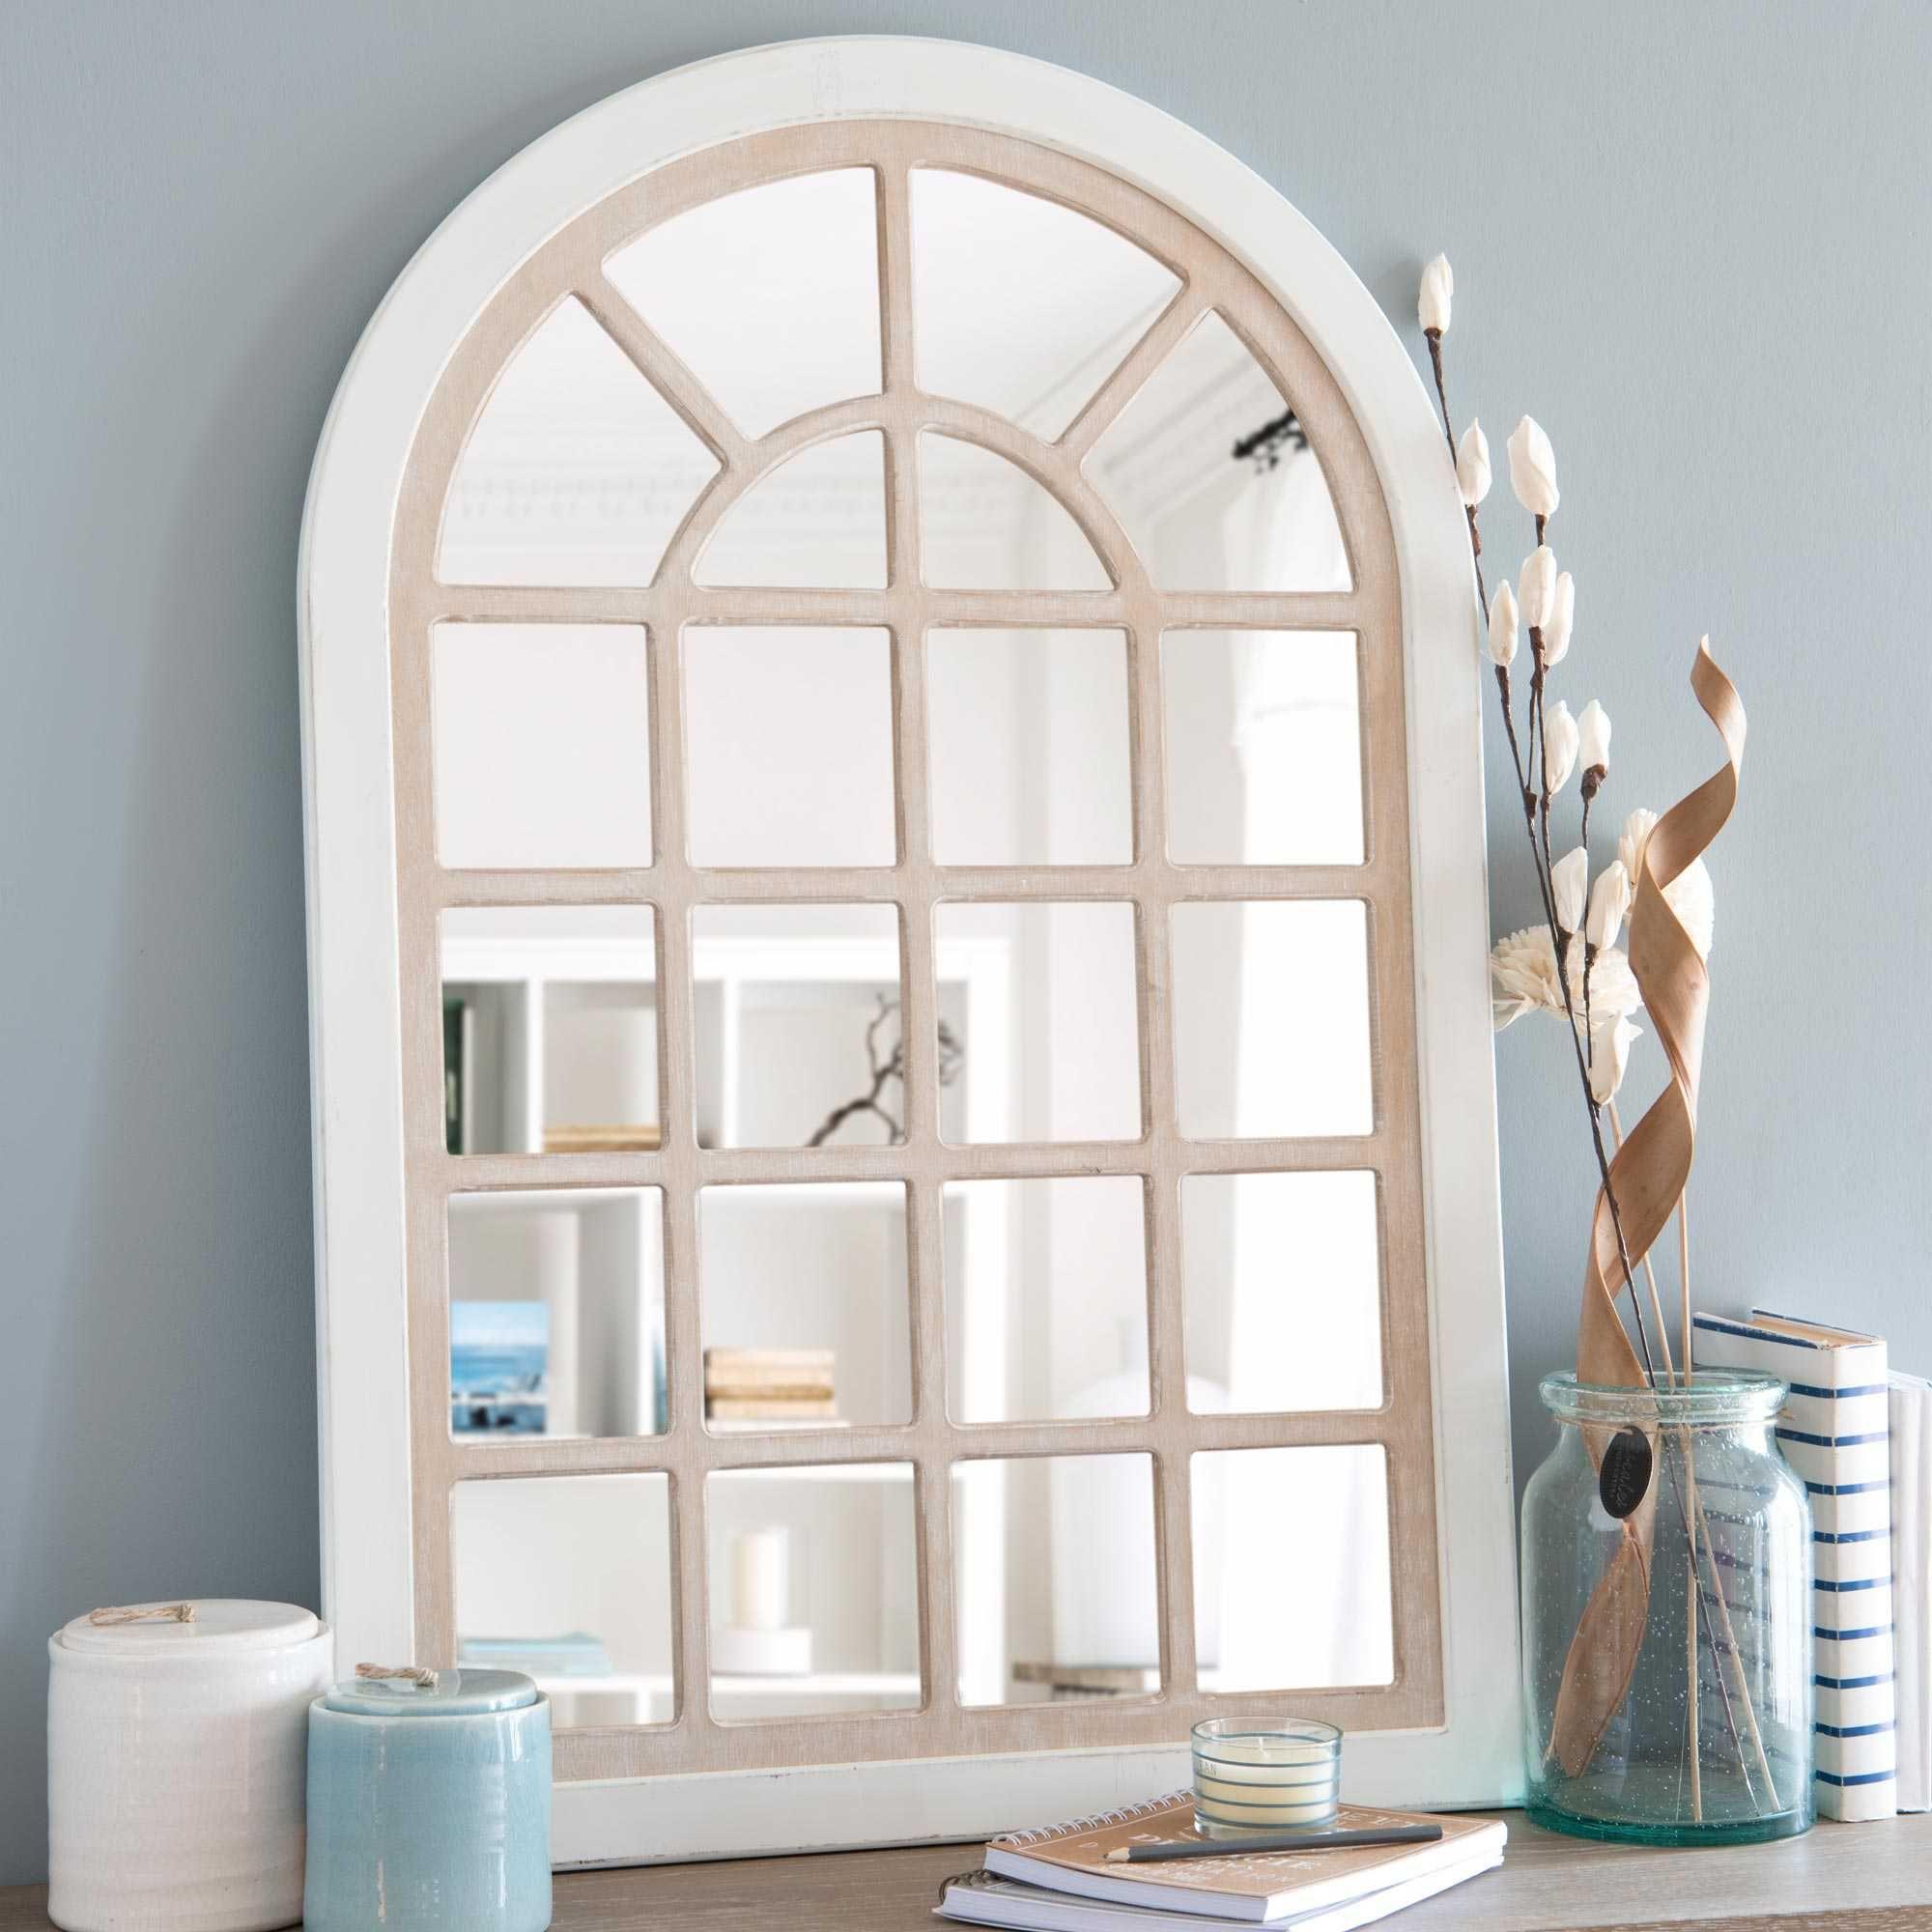 Espejo ventana 60x90 cm isigny ideas para el hogar for Deco para el hogar